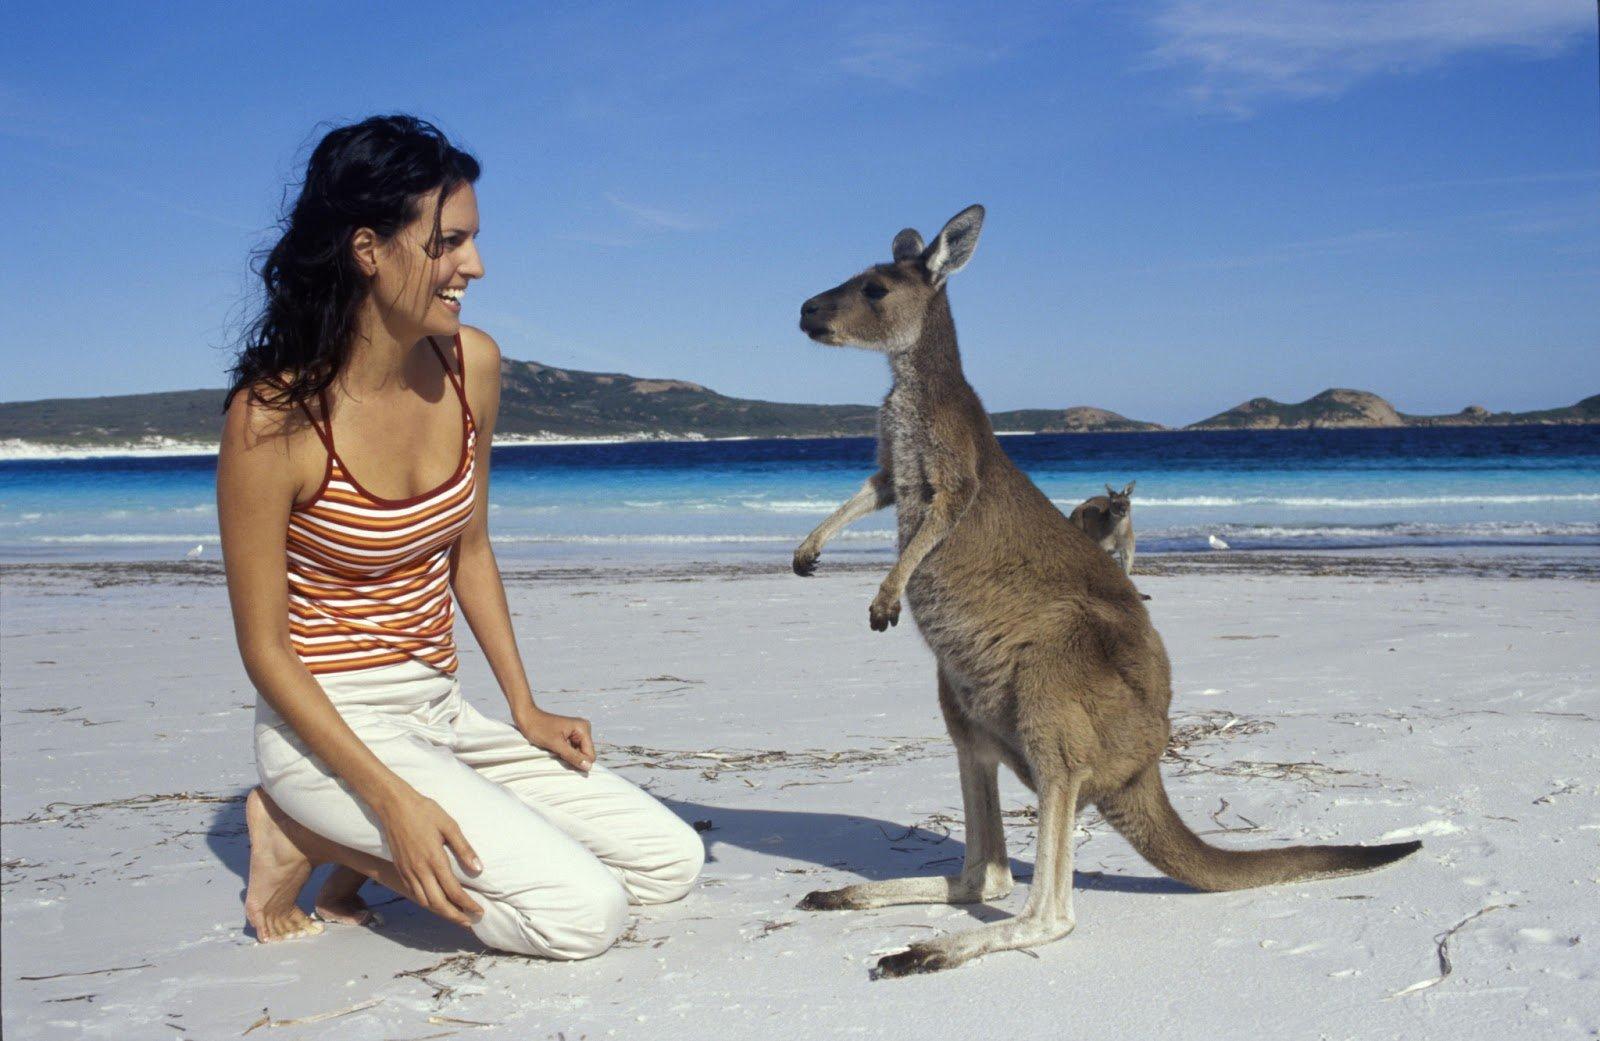 картинка реклама австралии что